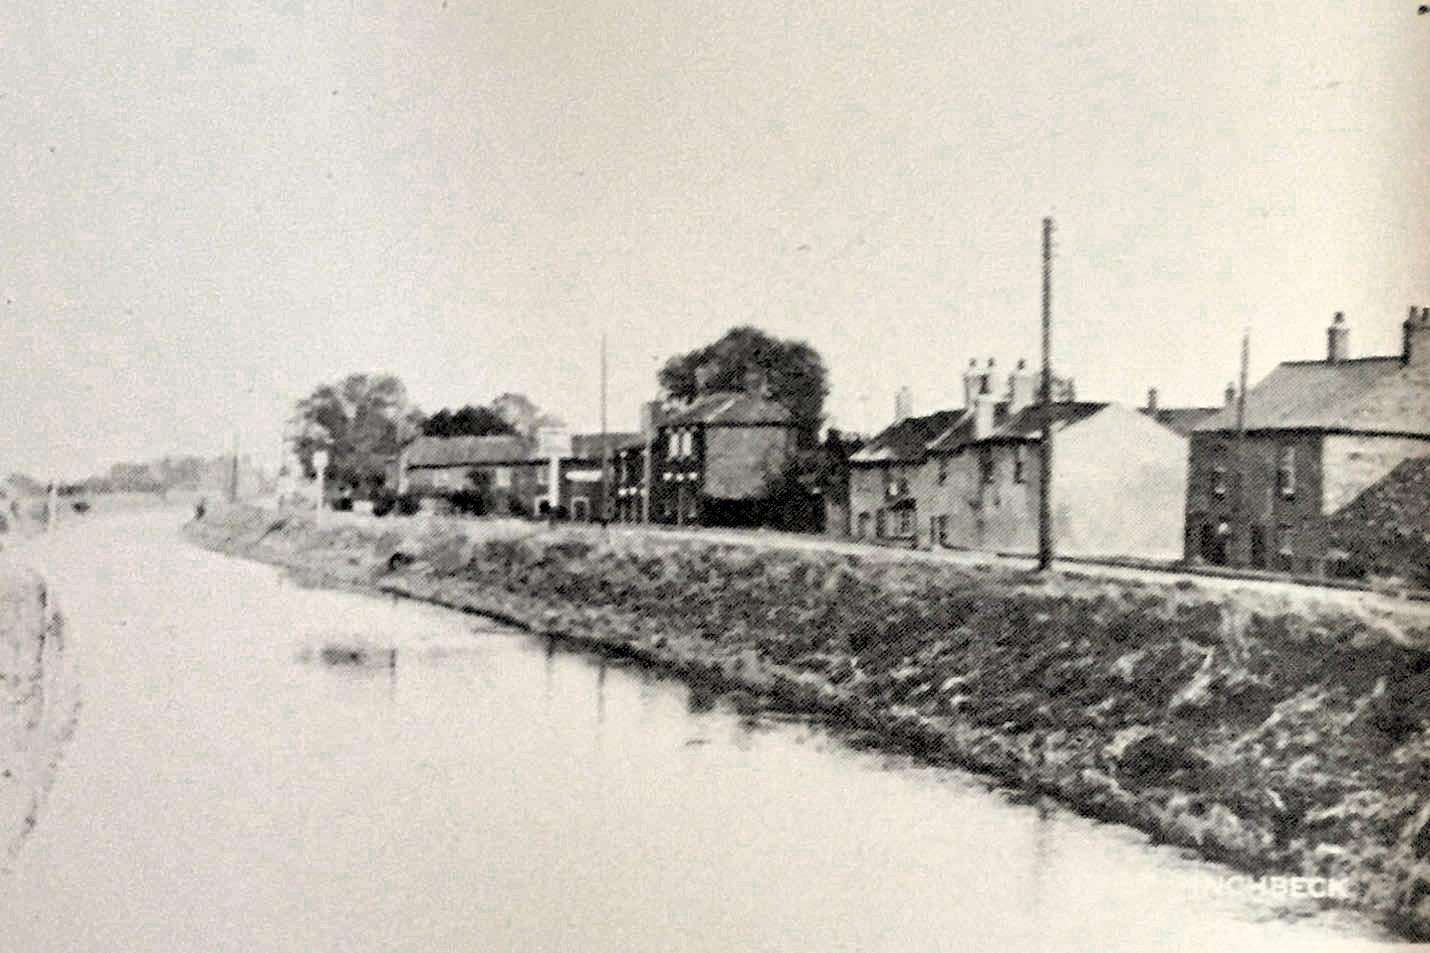 The Boat, Glenside, West Pinchbeck